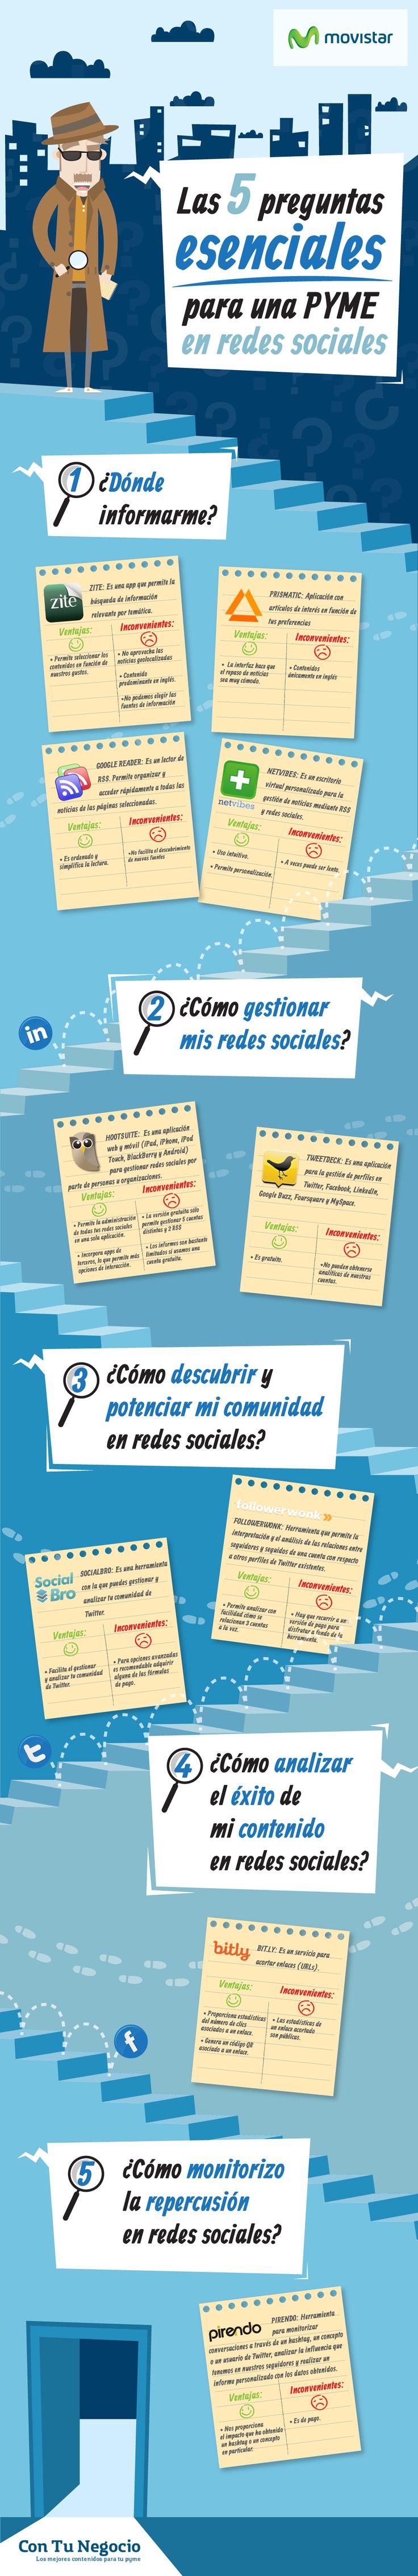 Infografía elaborada por con tu negocio de Movistar en la que podrás ver herramientas fundamental para las #redessociales de las #pymes